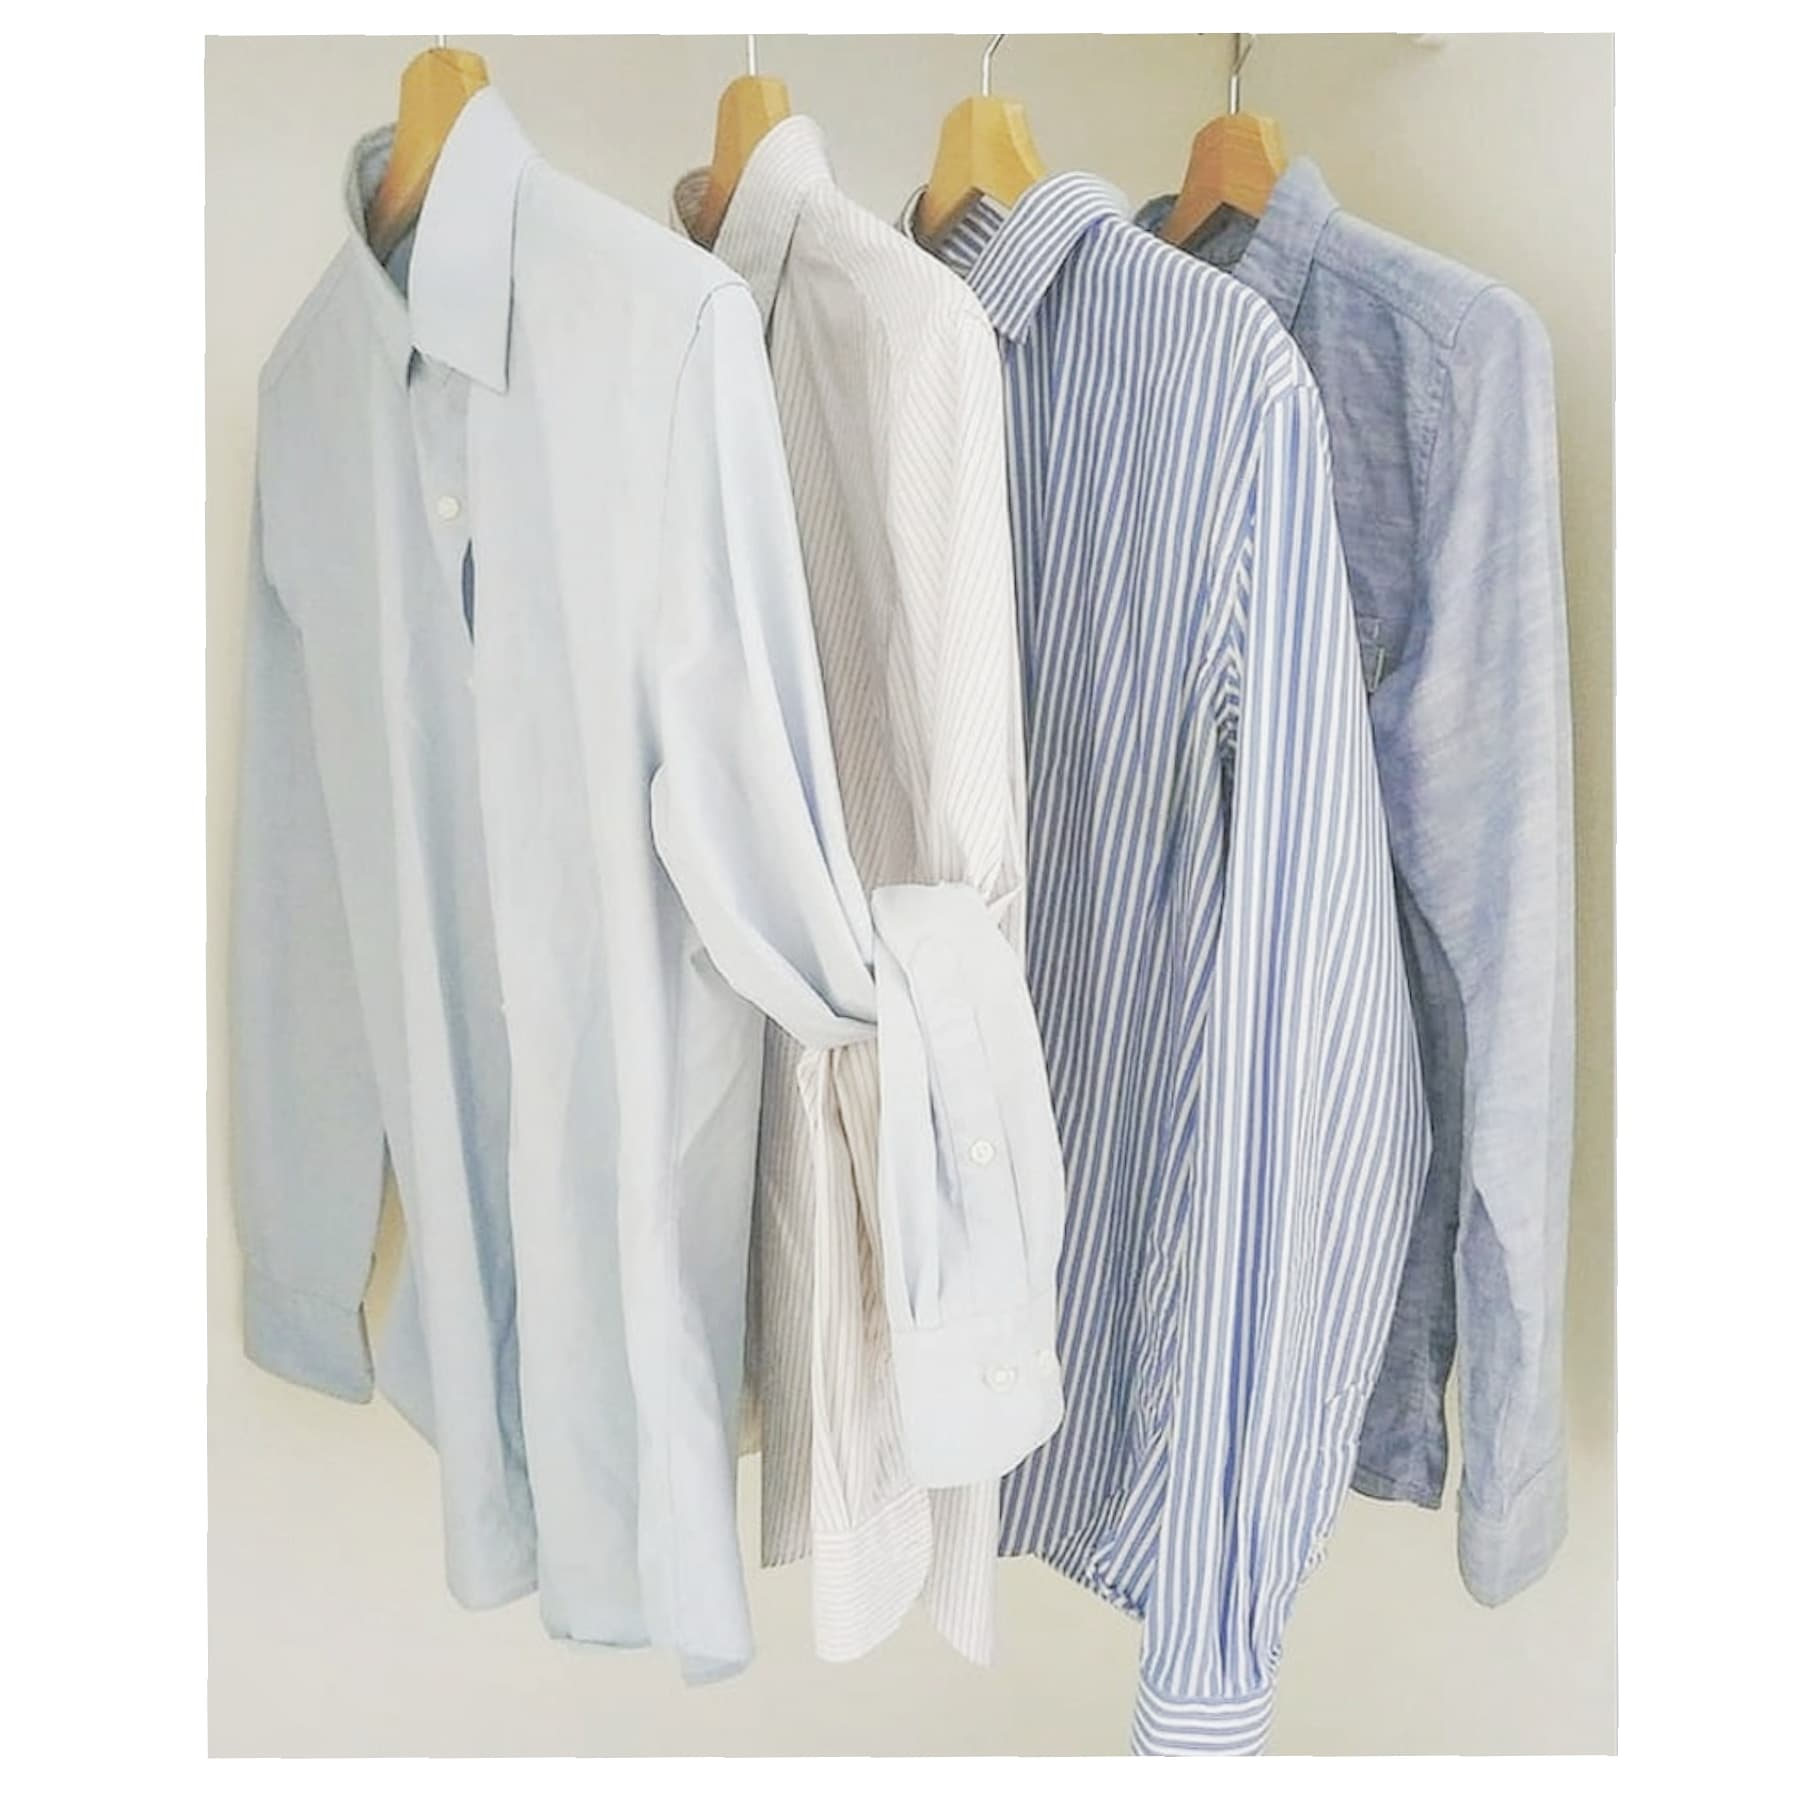 dans la penderie chemises bleue rayée et reposant sur des cintres